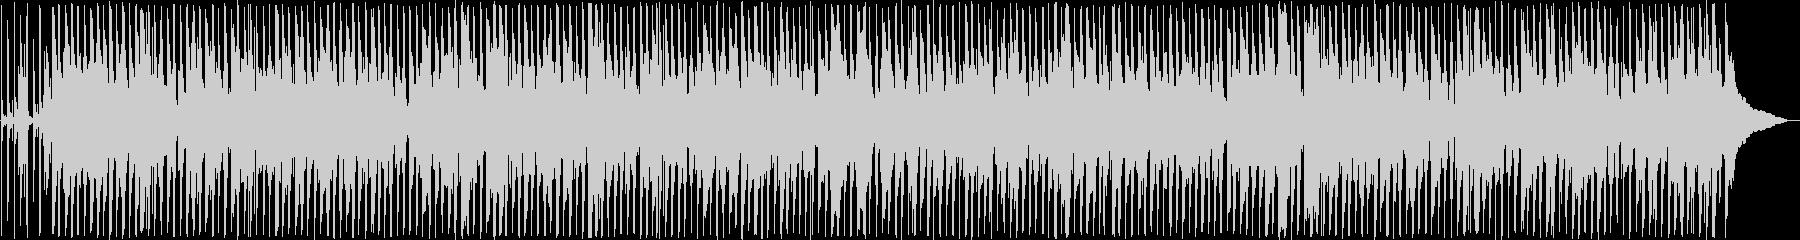 のんびりした雰囲気のウクレレ曲の未再生の波形